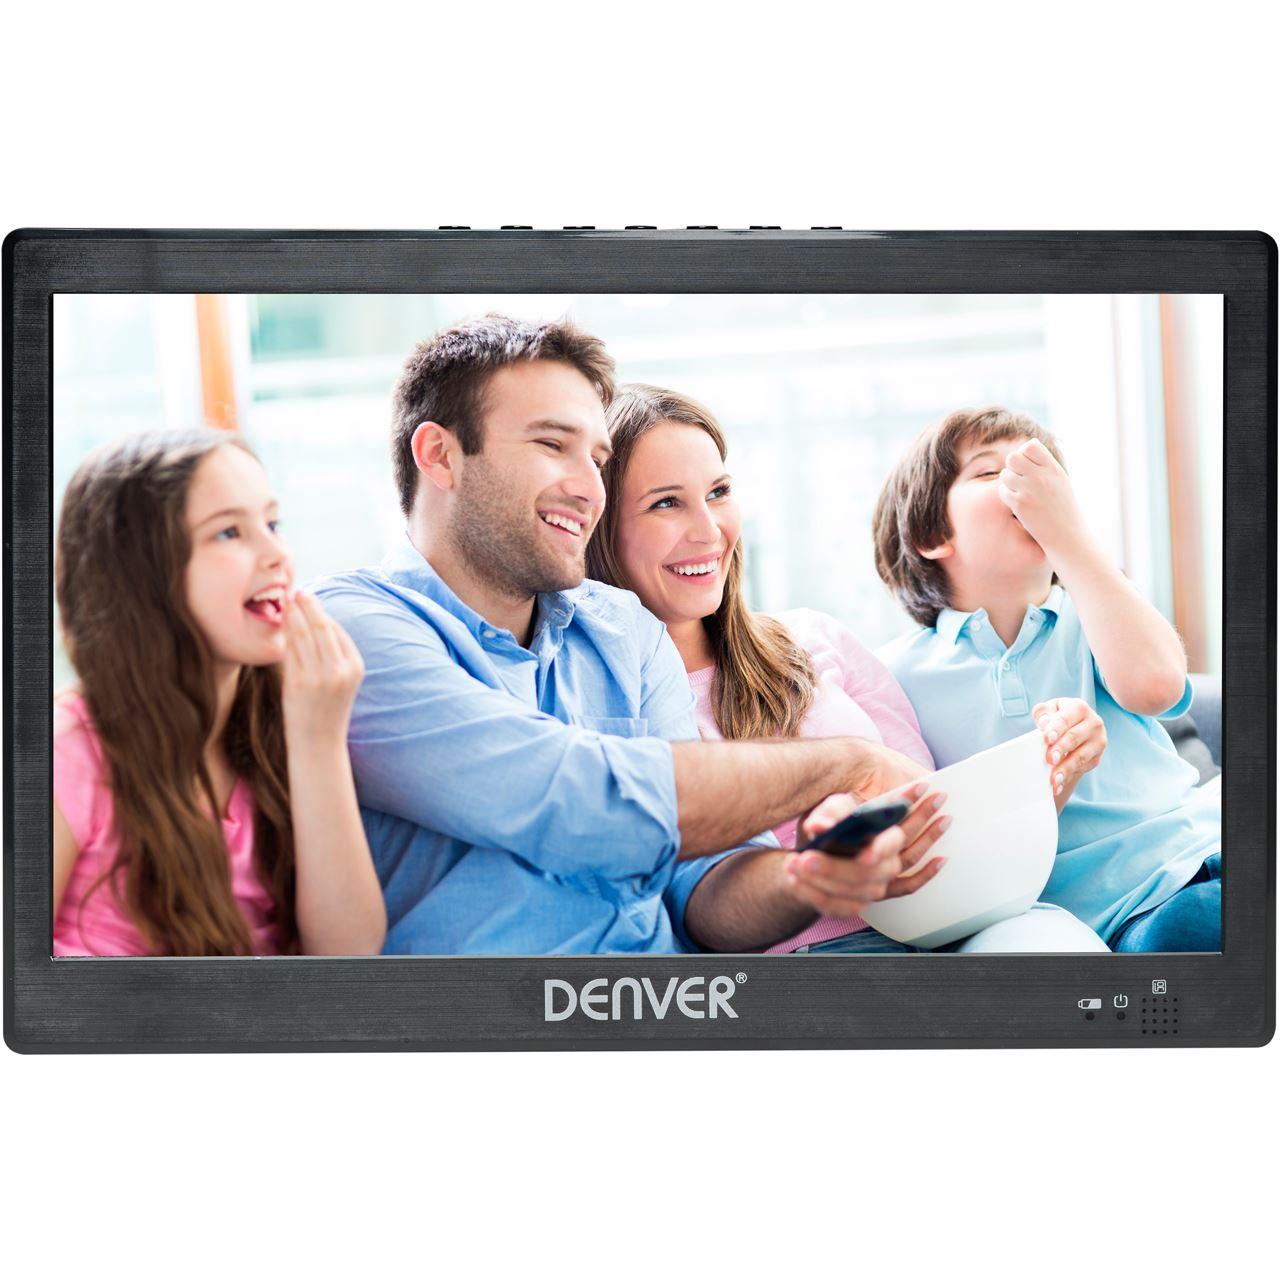 10 1 25 65cm denver led tv led 1031 hd ready lcd dvb t2 led tv bis 26 zoll. Black Bedroom Furniture Sets. Home Design Ideas